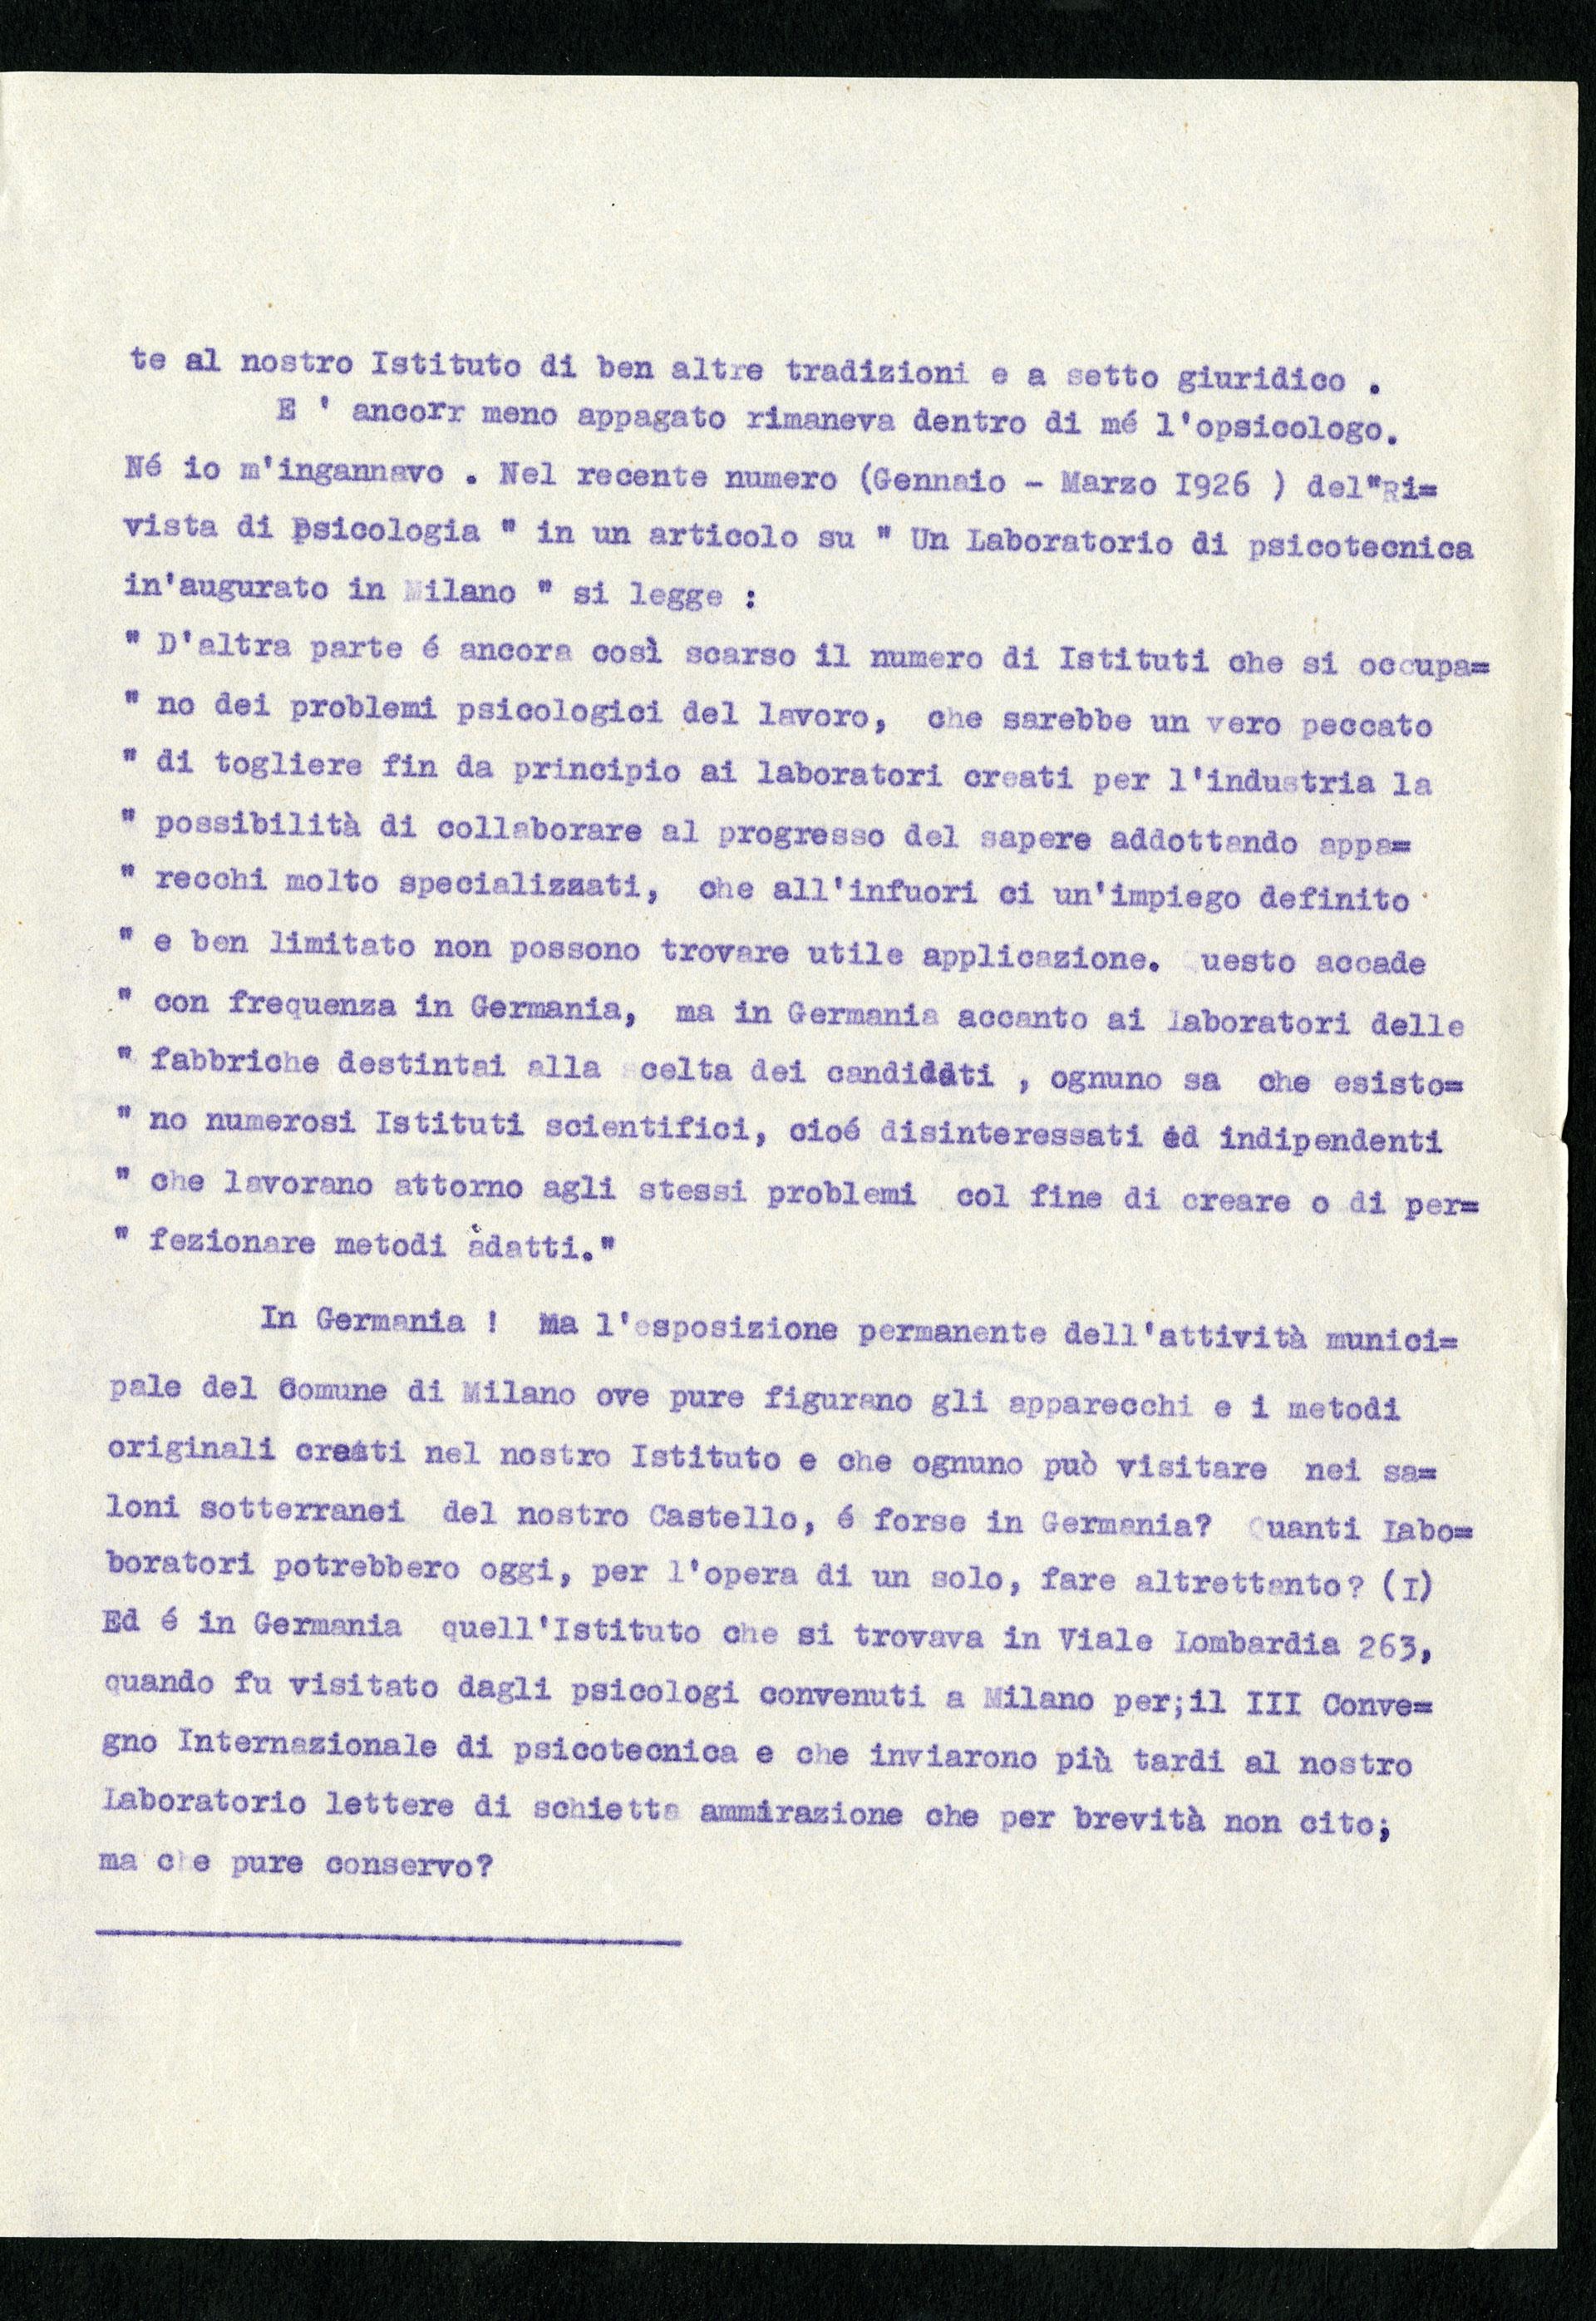 Relazione di Doniselli al sindaco di Milano a proposito del Laboratorio psicotecnico dell'ATM, 21 maggio 1926